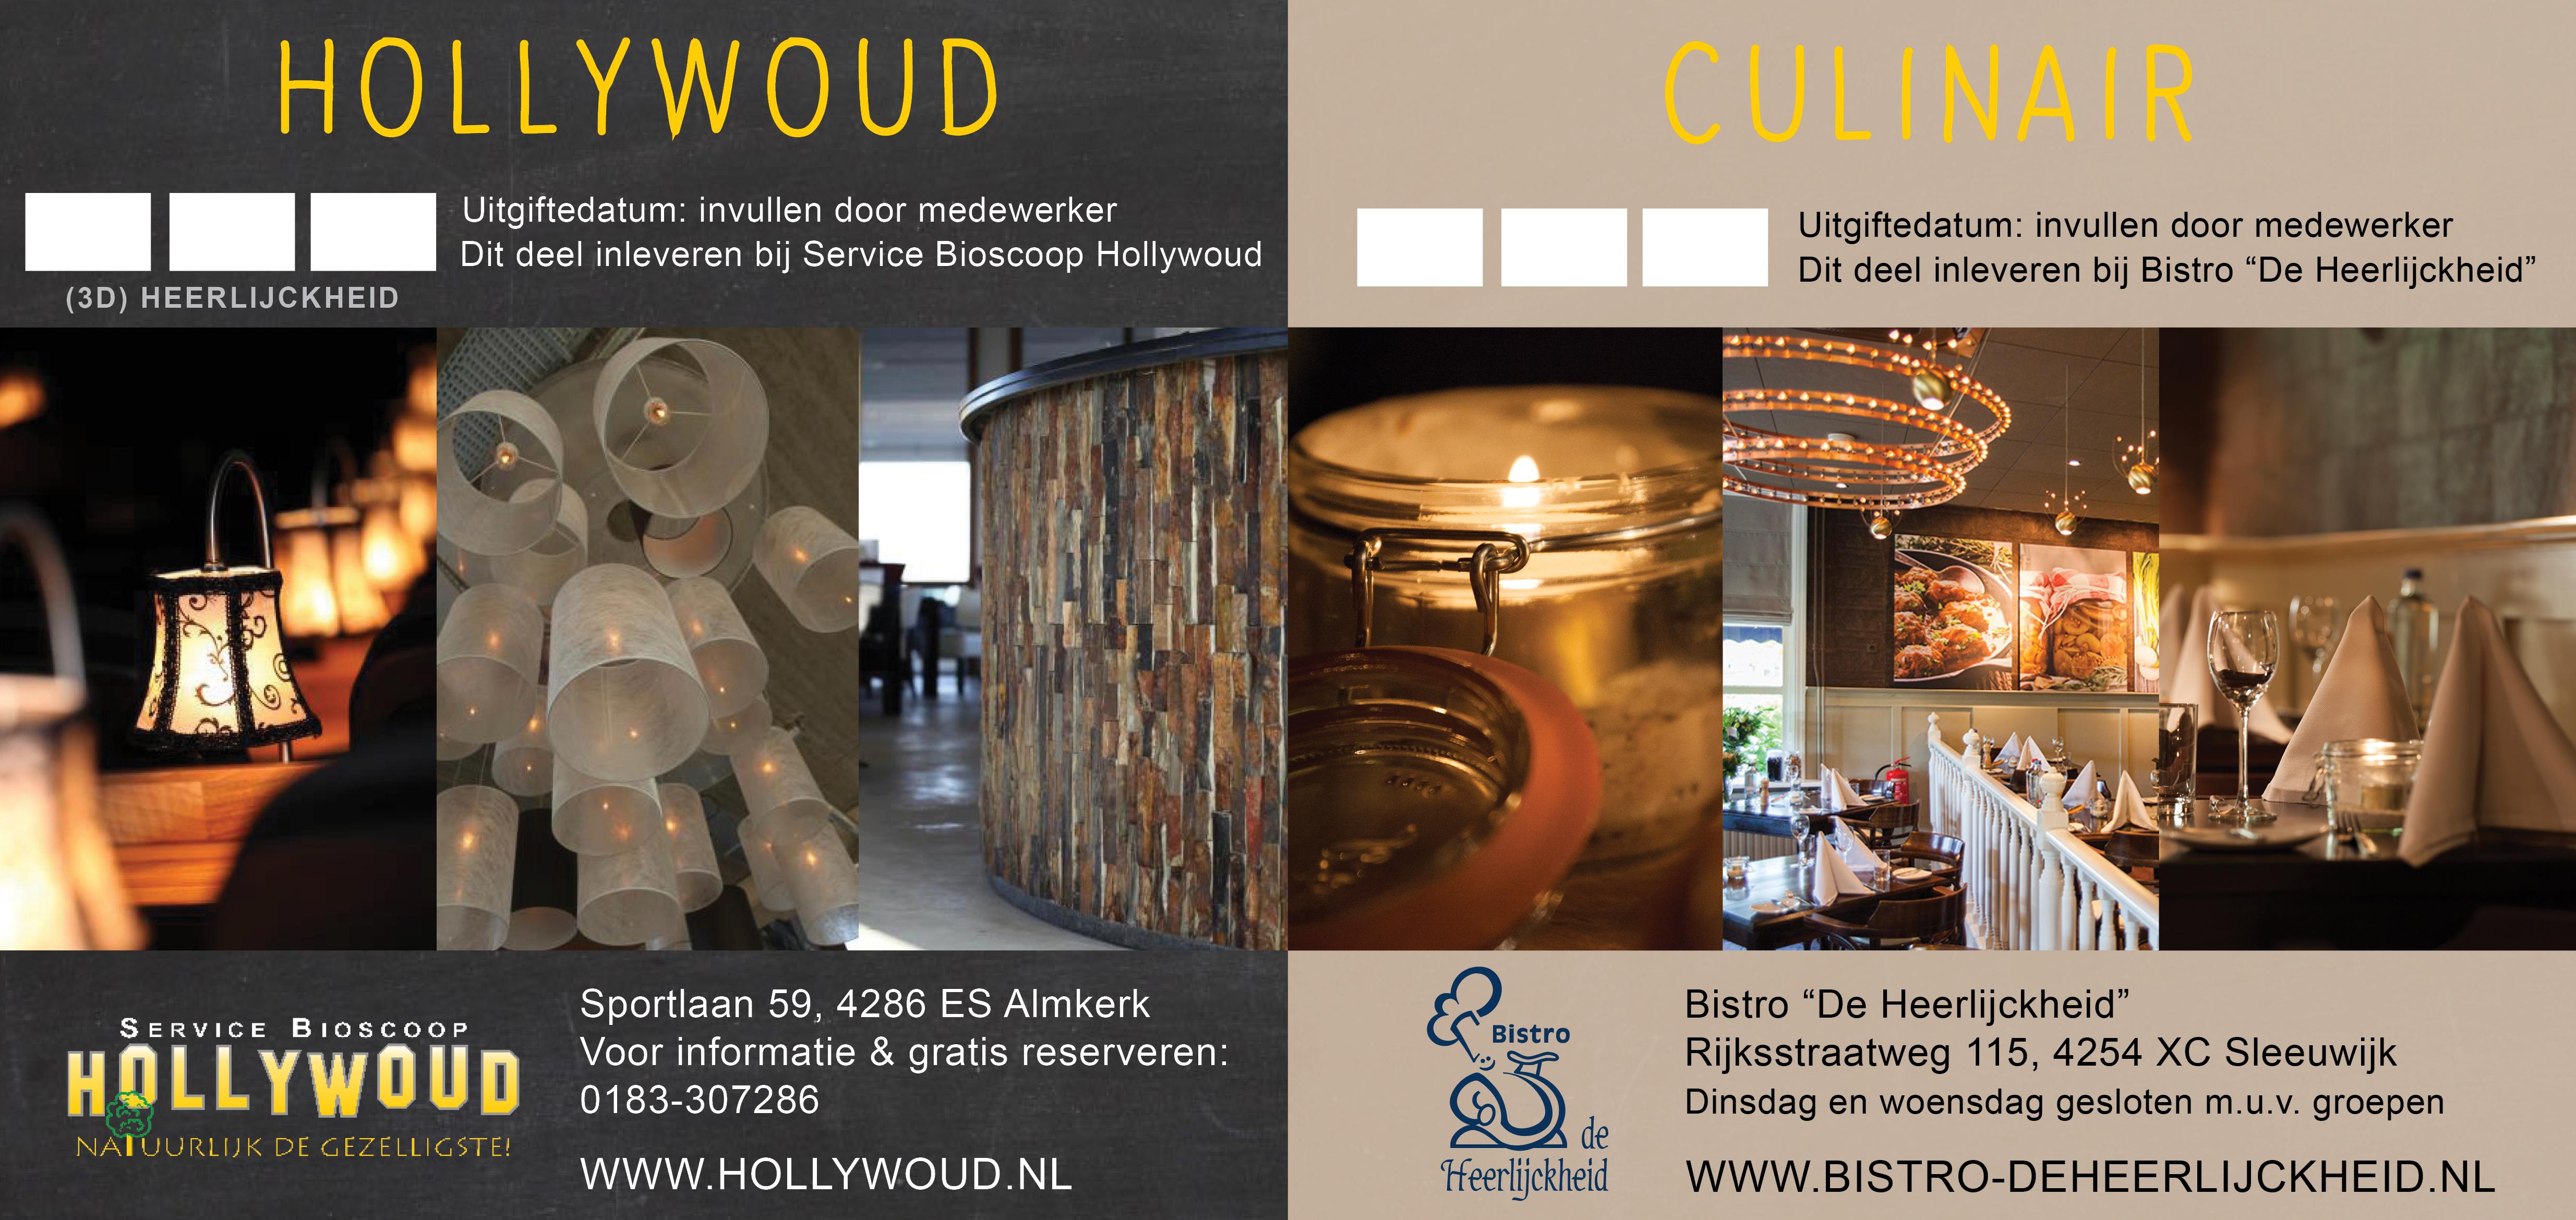 Hollywoud Culinair Bistro de Heerlijckheid 2